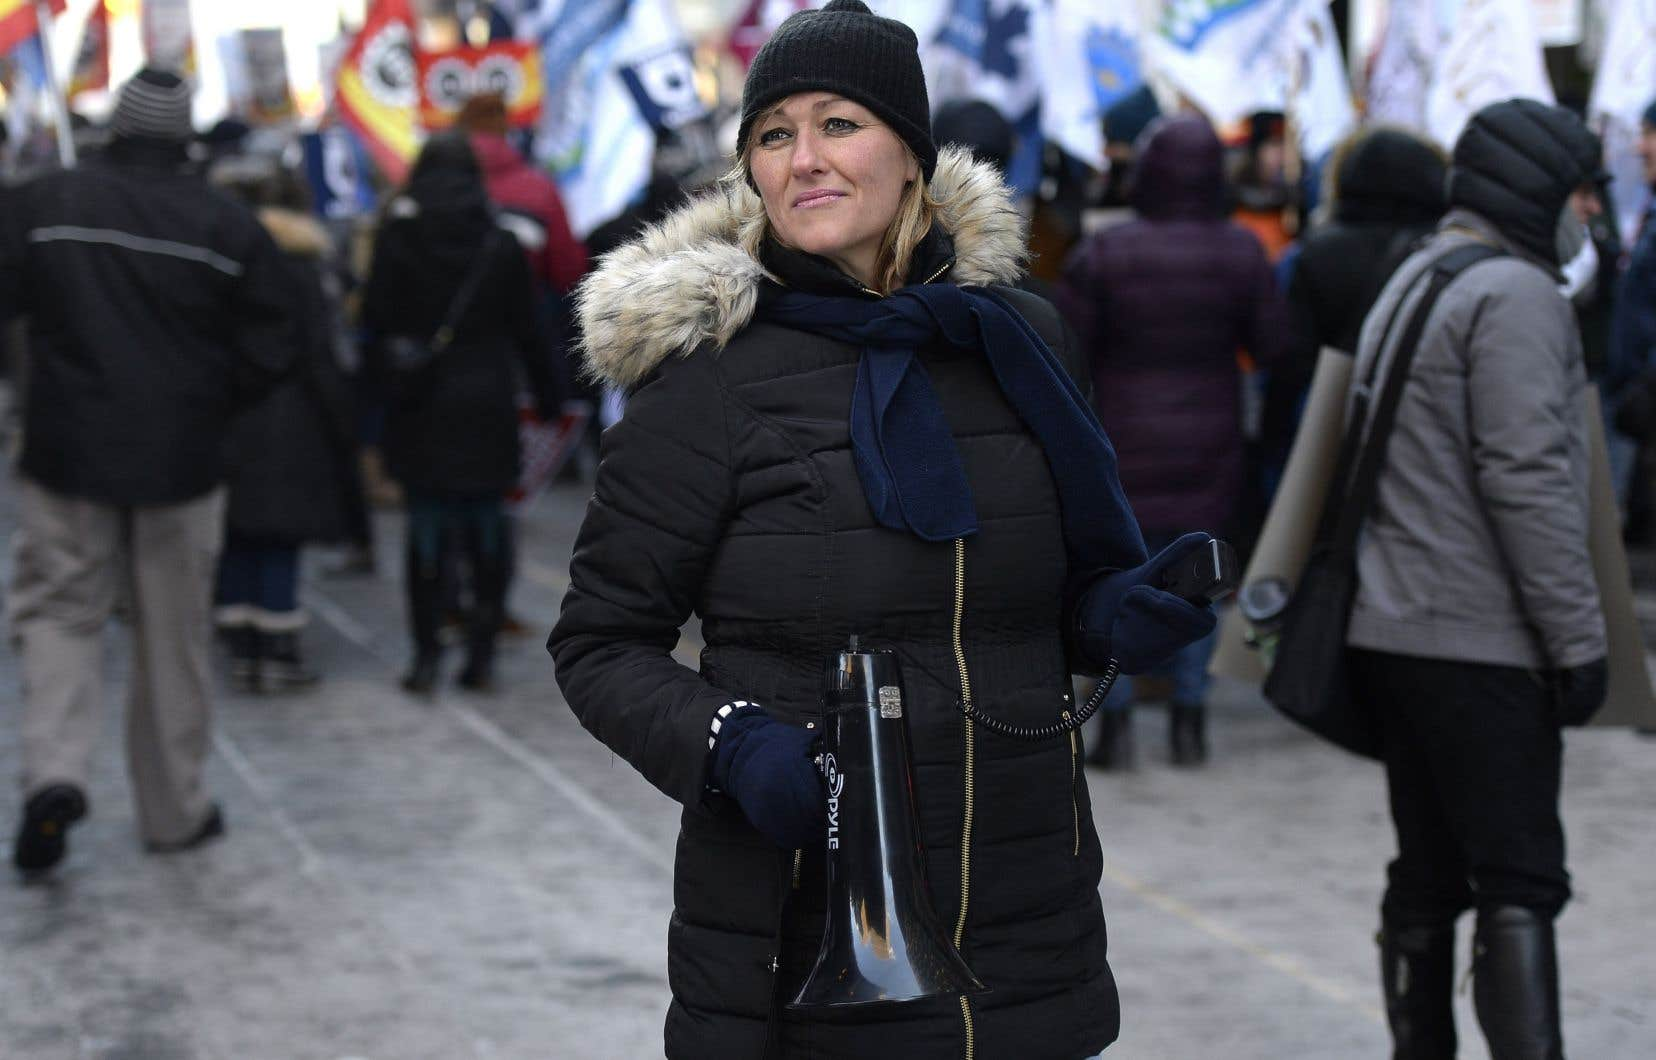 «Nos membres sont exaspérés. [...]Ce sera la grève générale illimitée si le gouvernement Trudeau ne change pas son mandat, s'il ne nous appelle pas à négocier et que, cette fois-ci, il démontre sa bonne foi», a prévenu Magali Picard, vice-présidente exécutive nationale à l'AFPC.